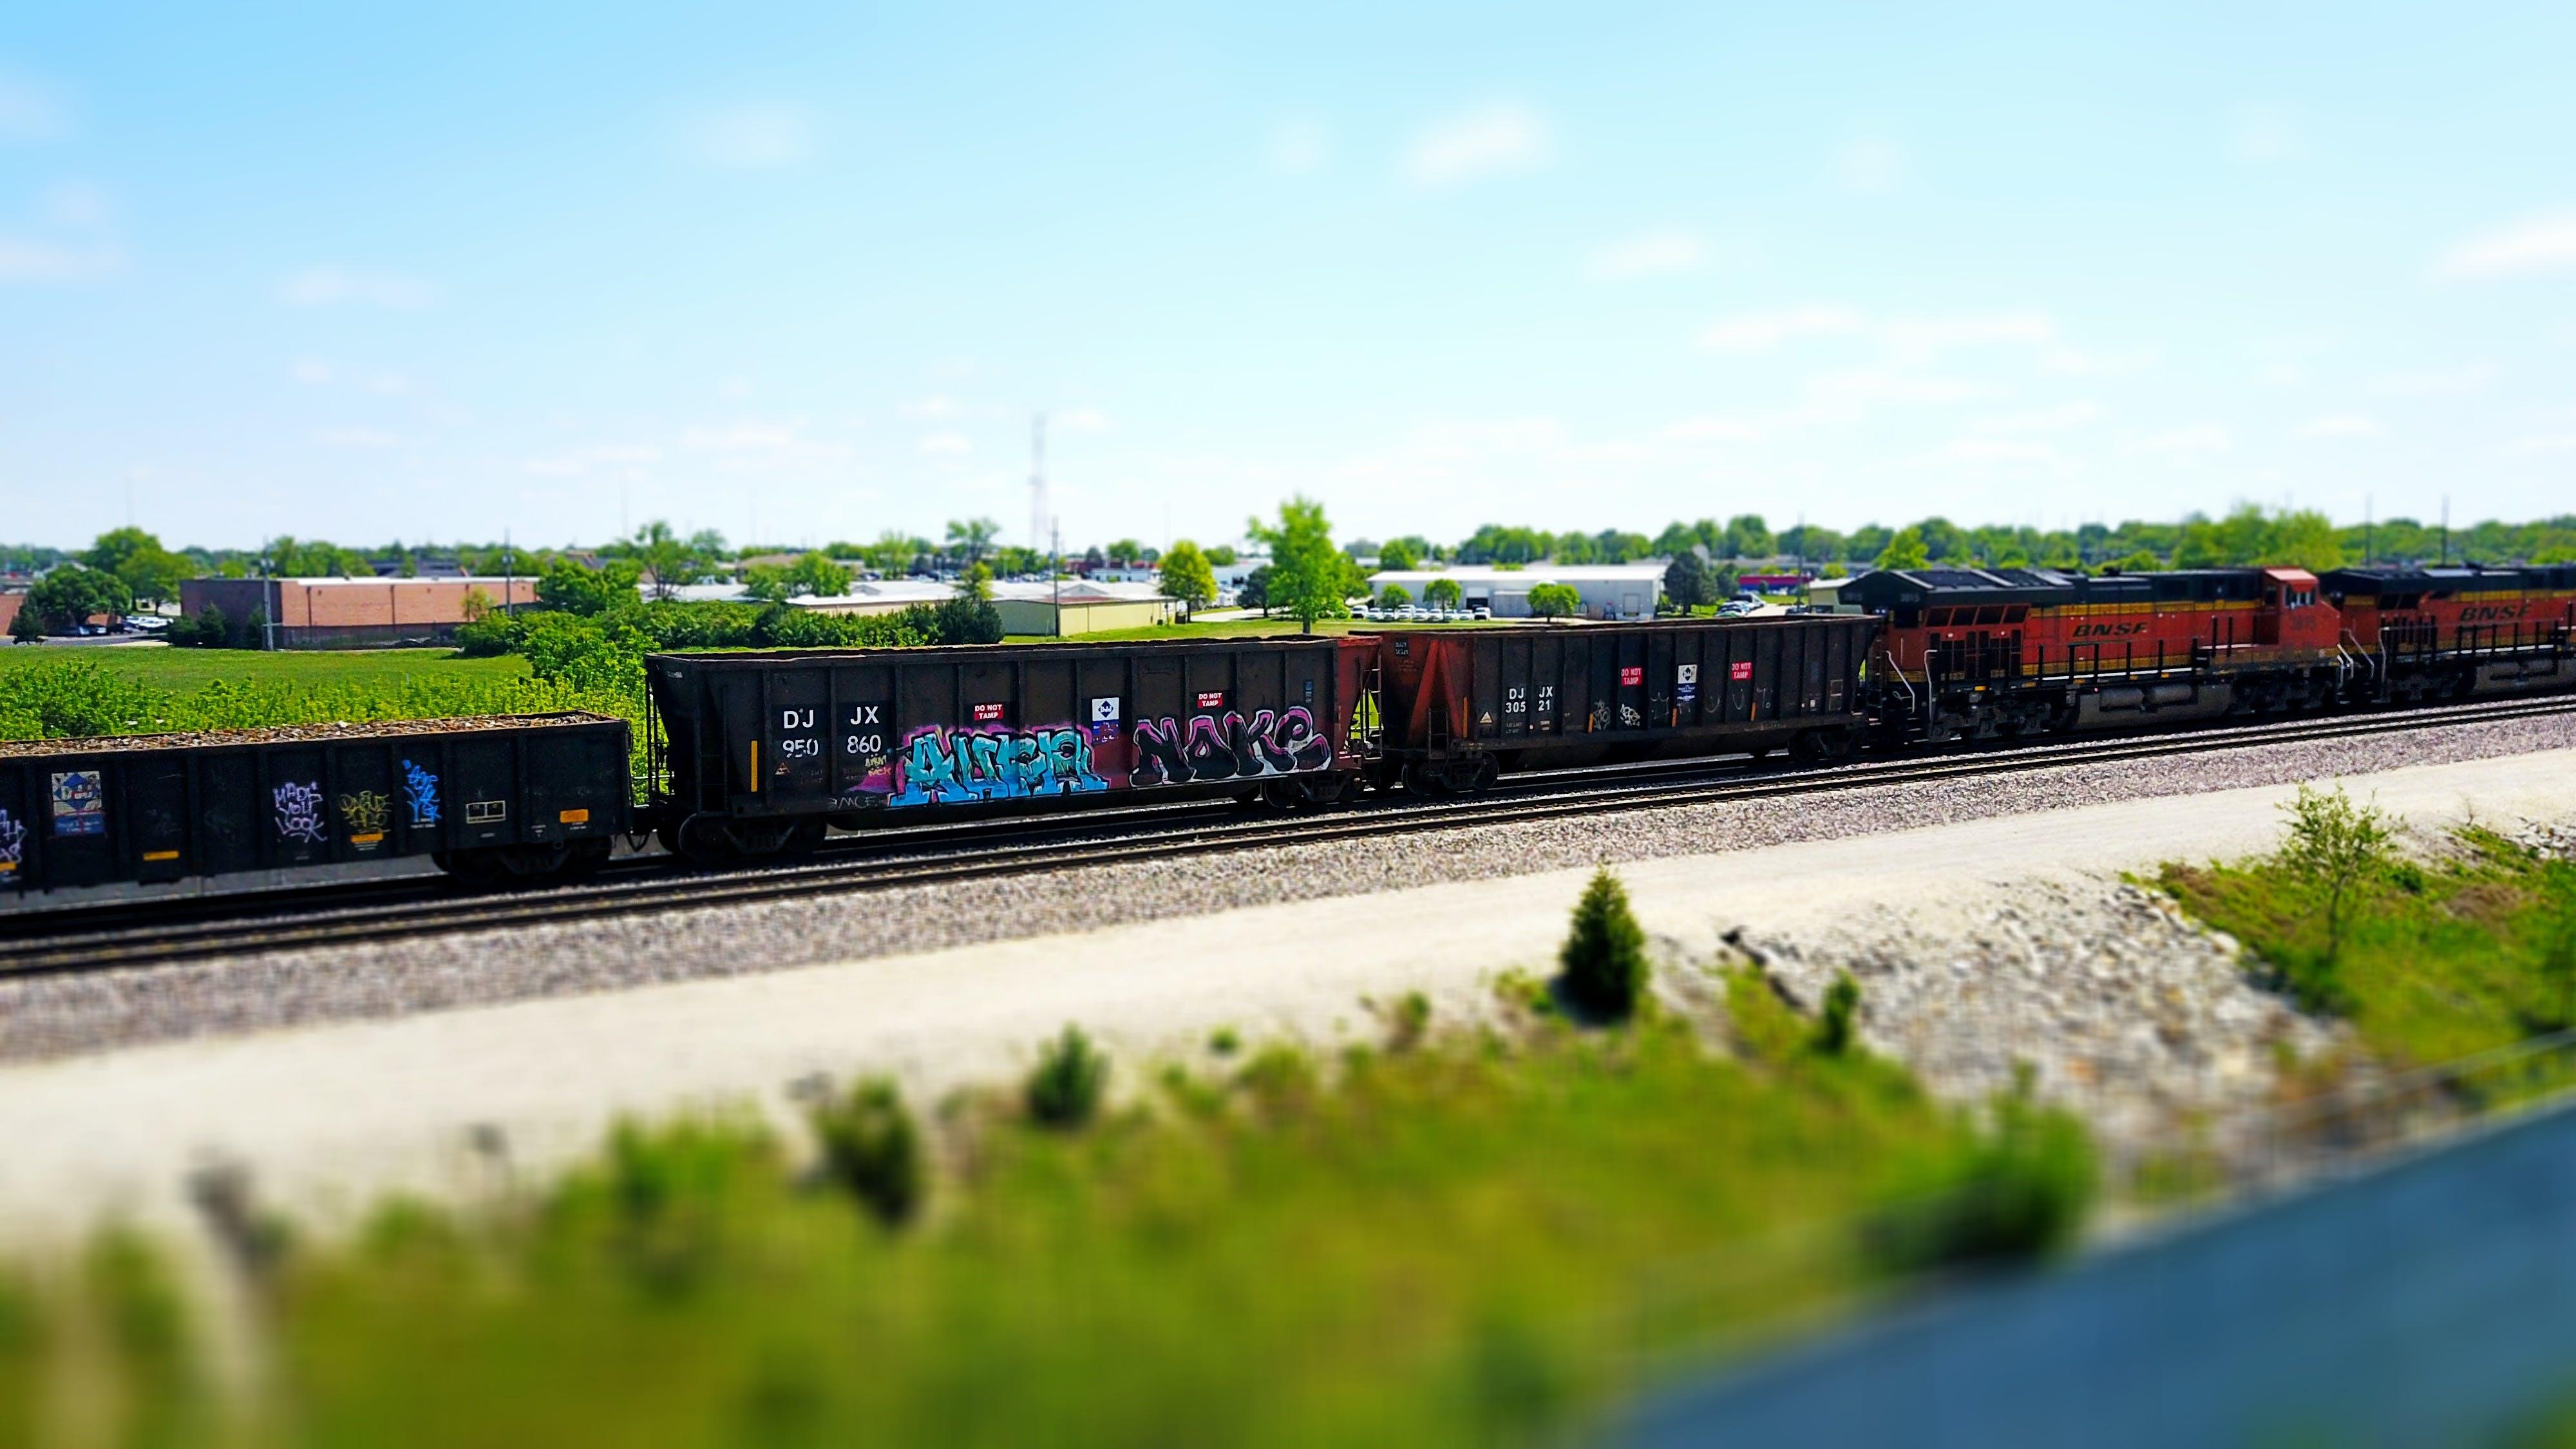 Free stock photo of graffiti, train